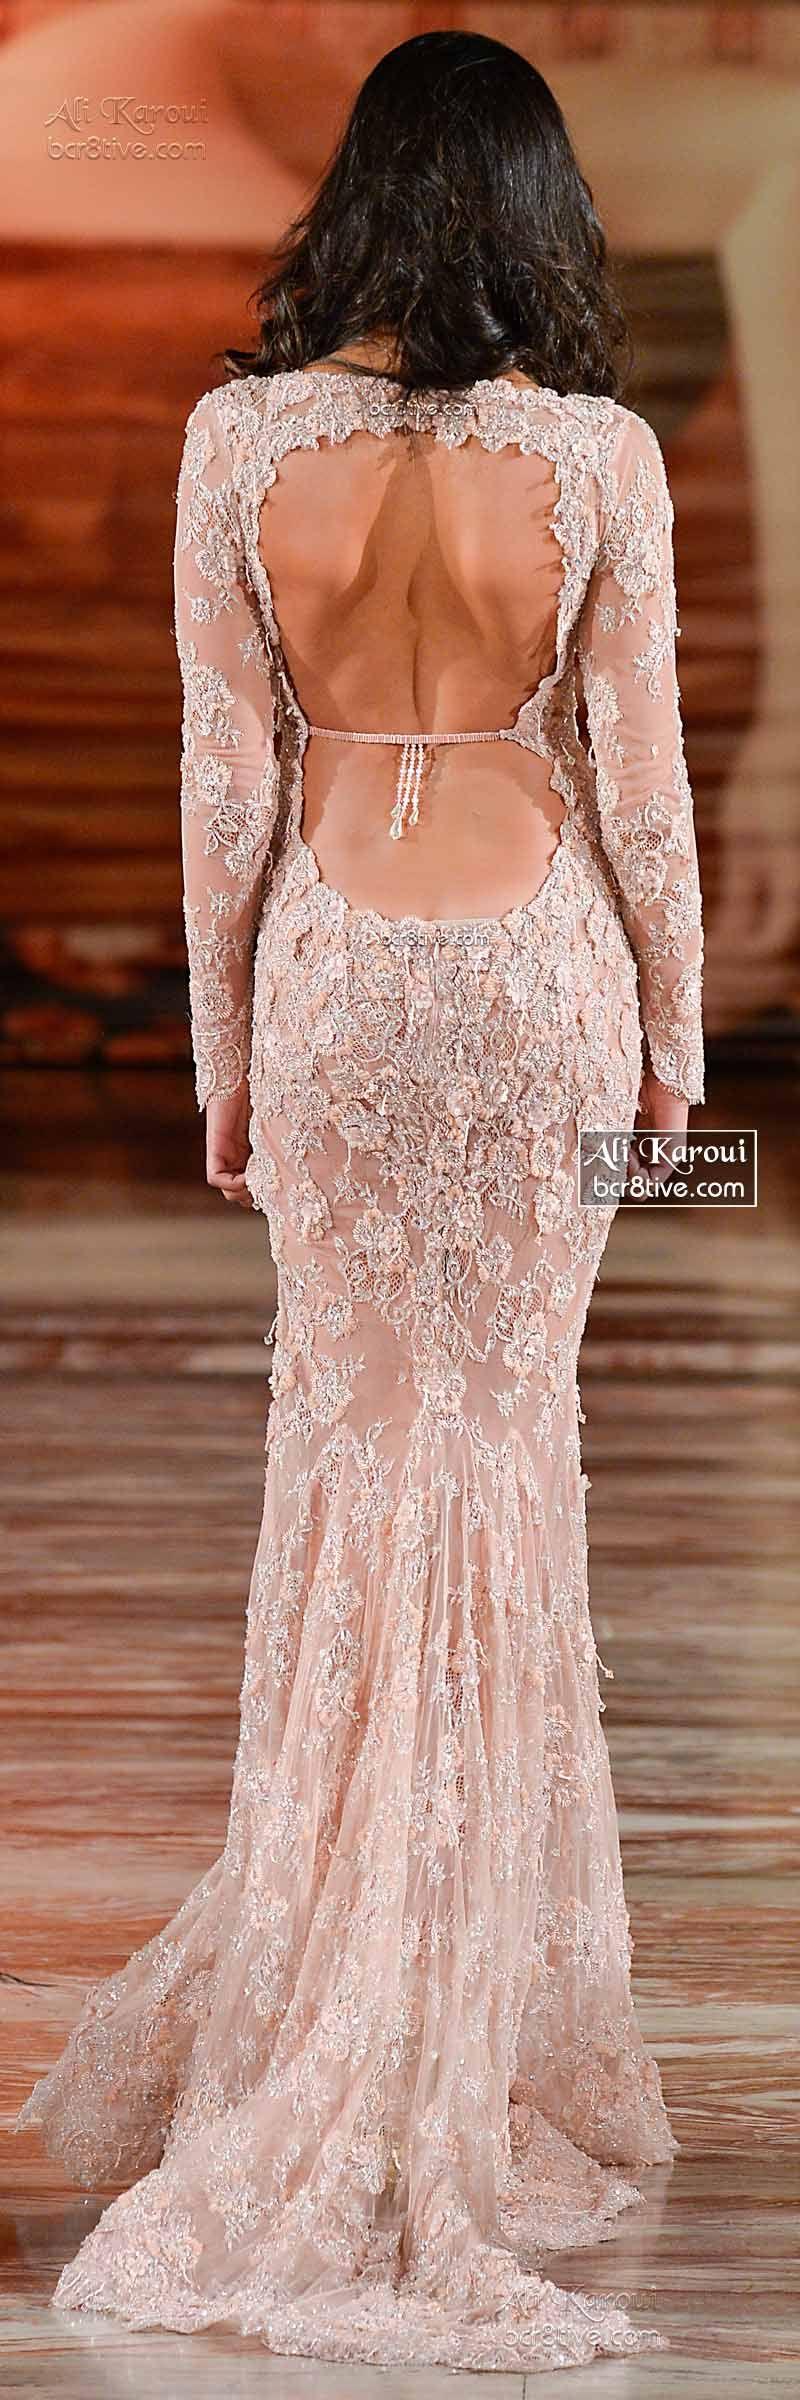 Ali Karoui Fall 2014 Couture | Vestiditos, Vestidos de novia y Novios